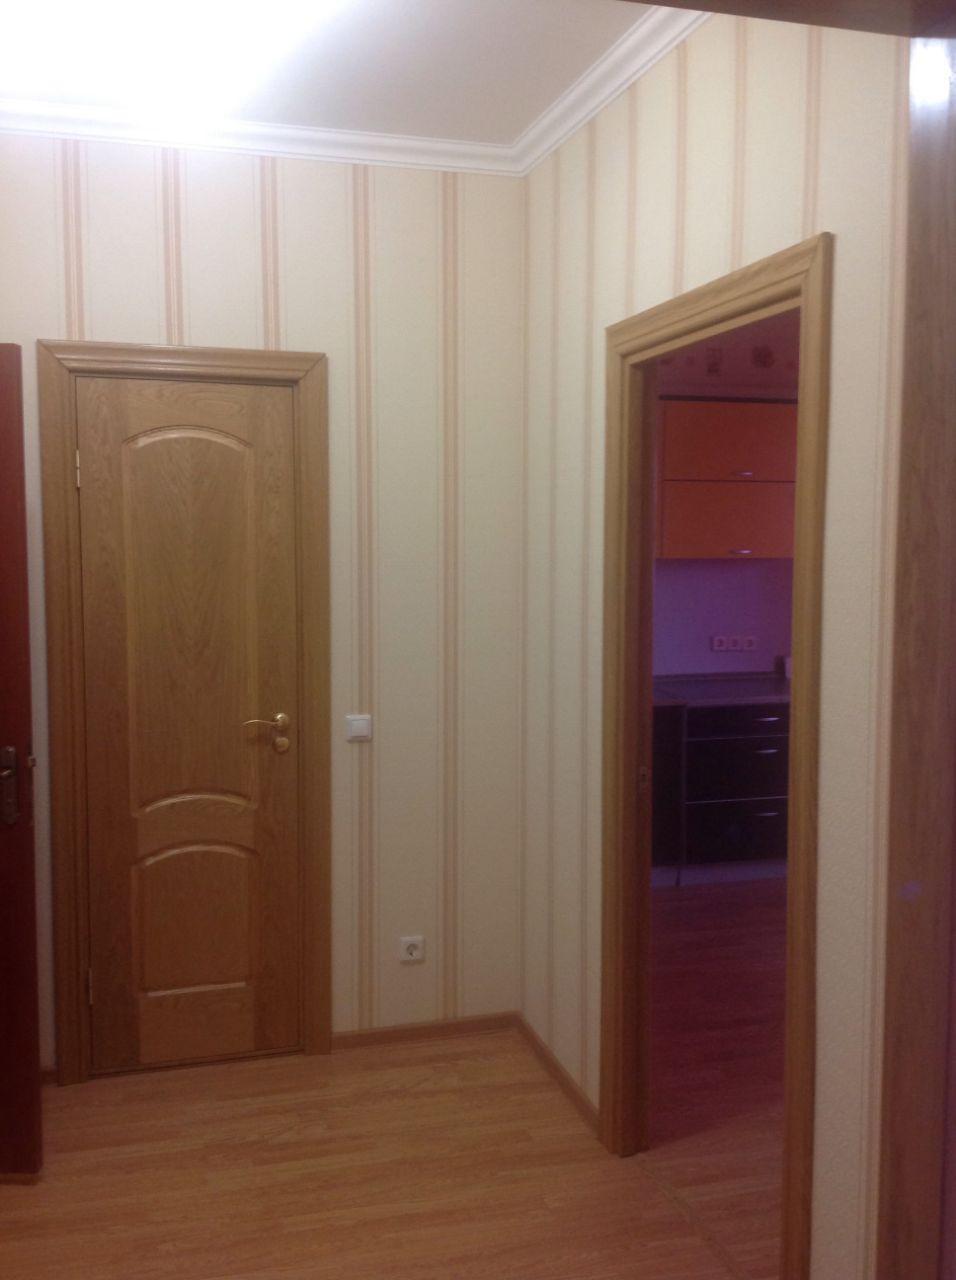 Однокомнатная квартира - ул. Владимирская, 7В